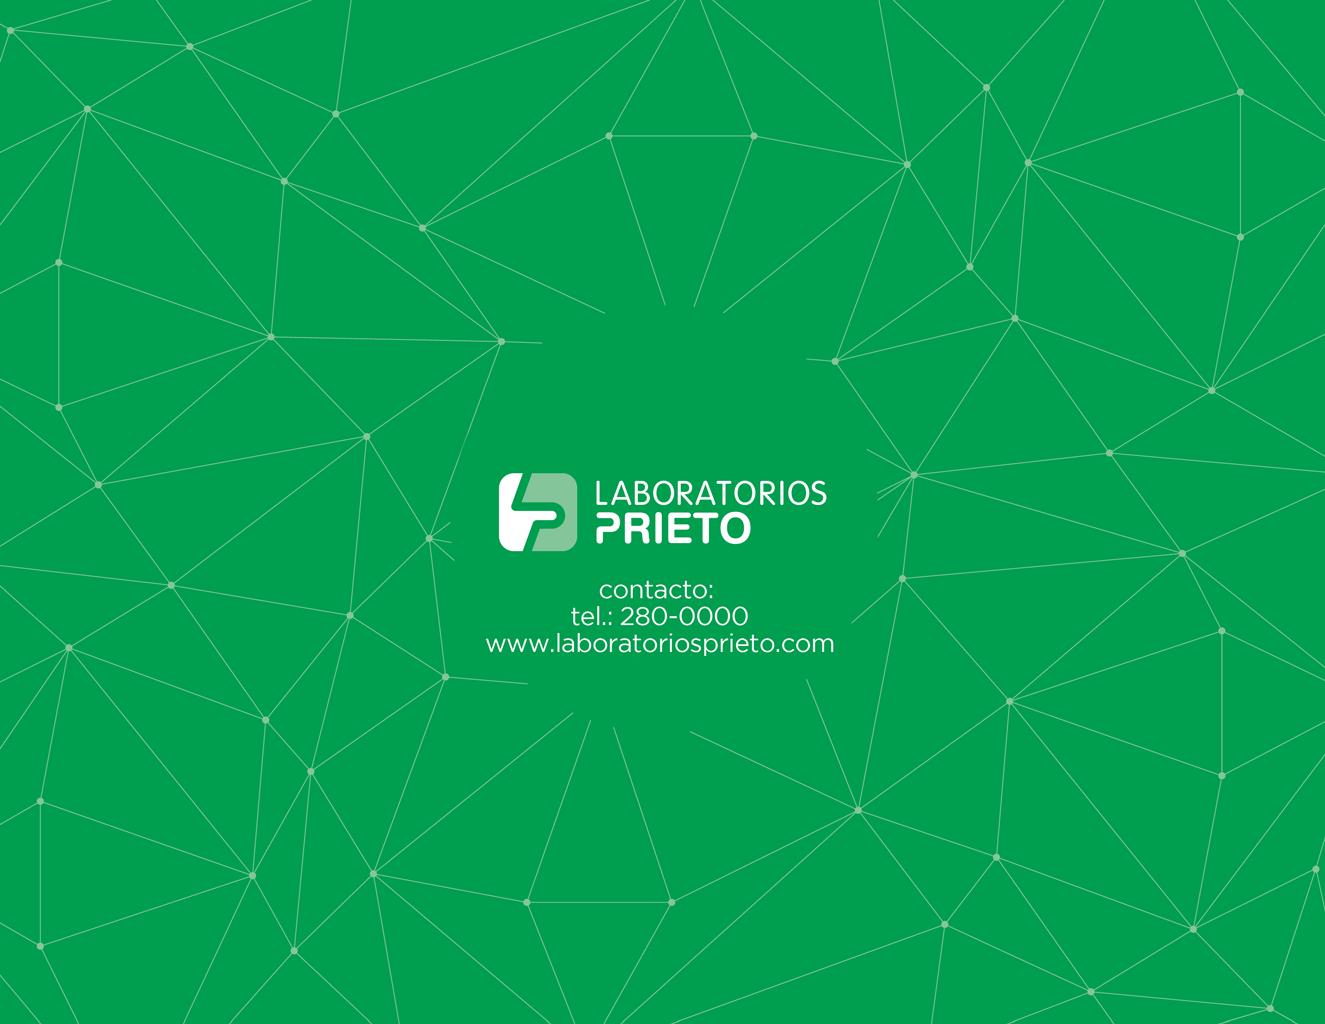 Vademecum-de-productos-Laboratorios-Prieto_Page_59